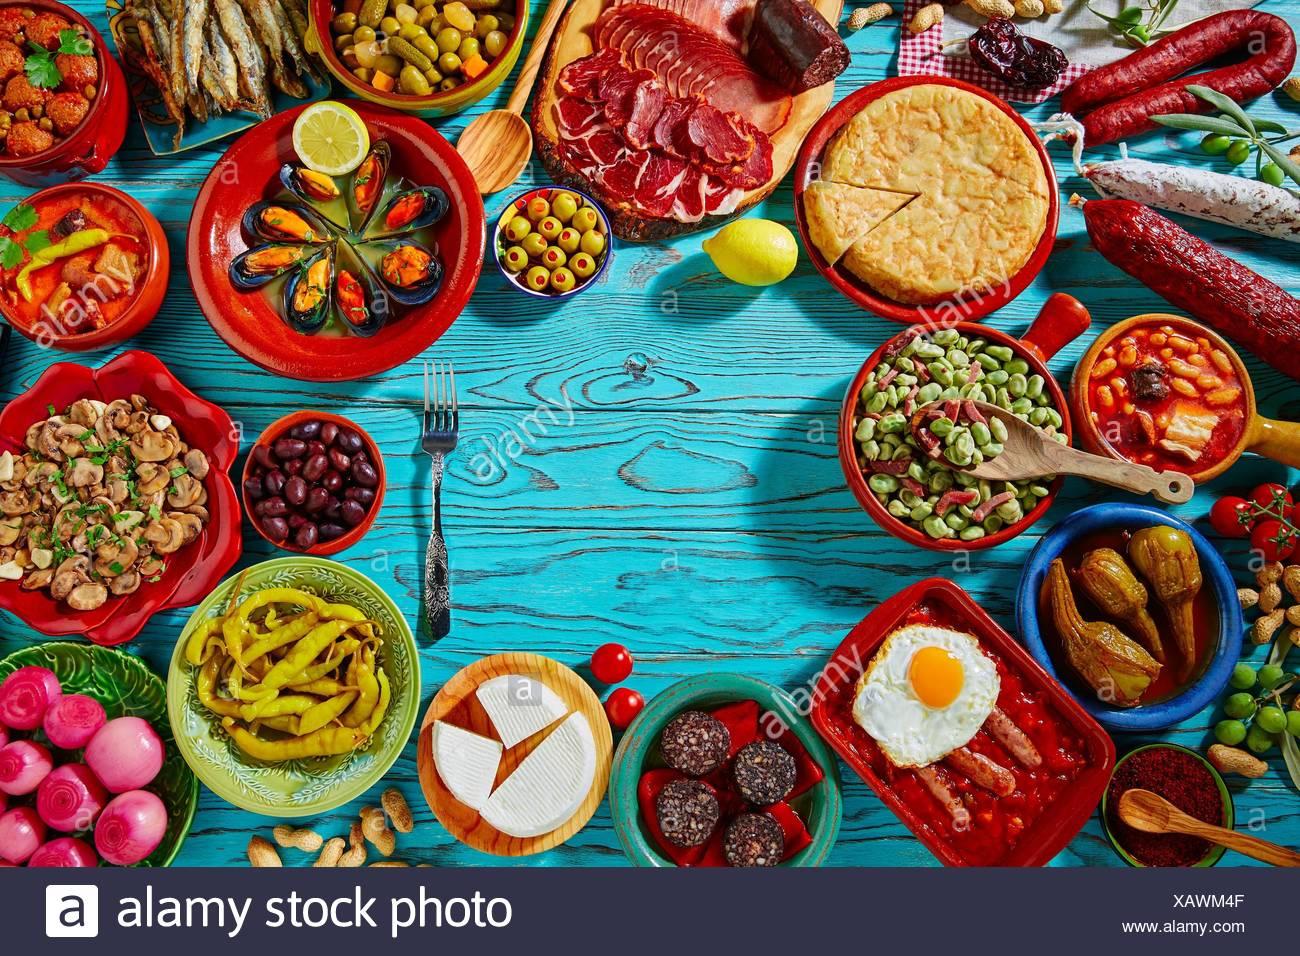 Tapas de España mezcla de recetas más populares de la cocina mediterránea. Foto de stock